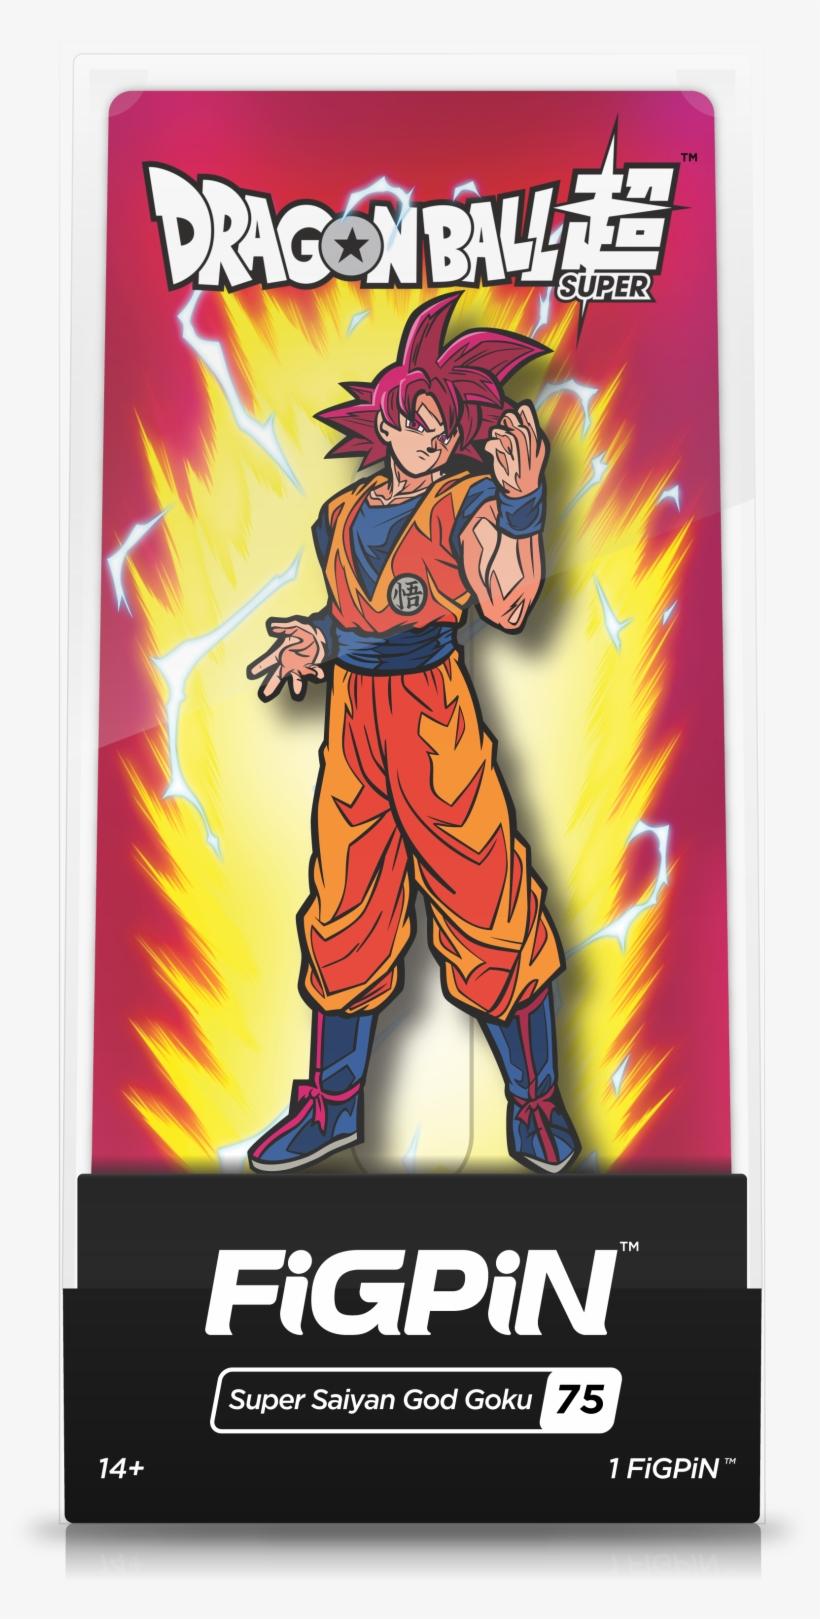 Super Saiyan God Goku - Dragon Ball Super Figpin, transparent png #4533912